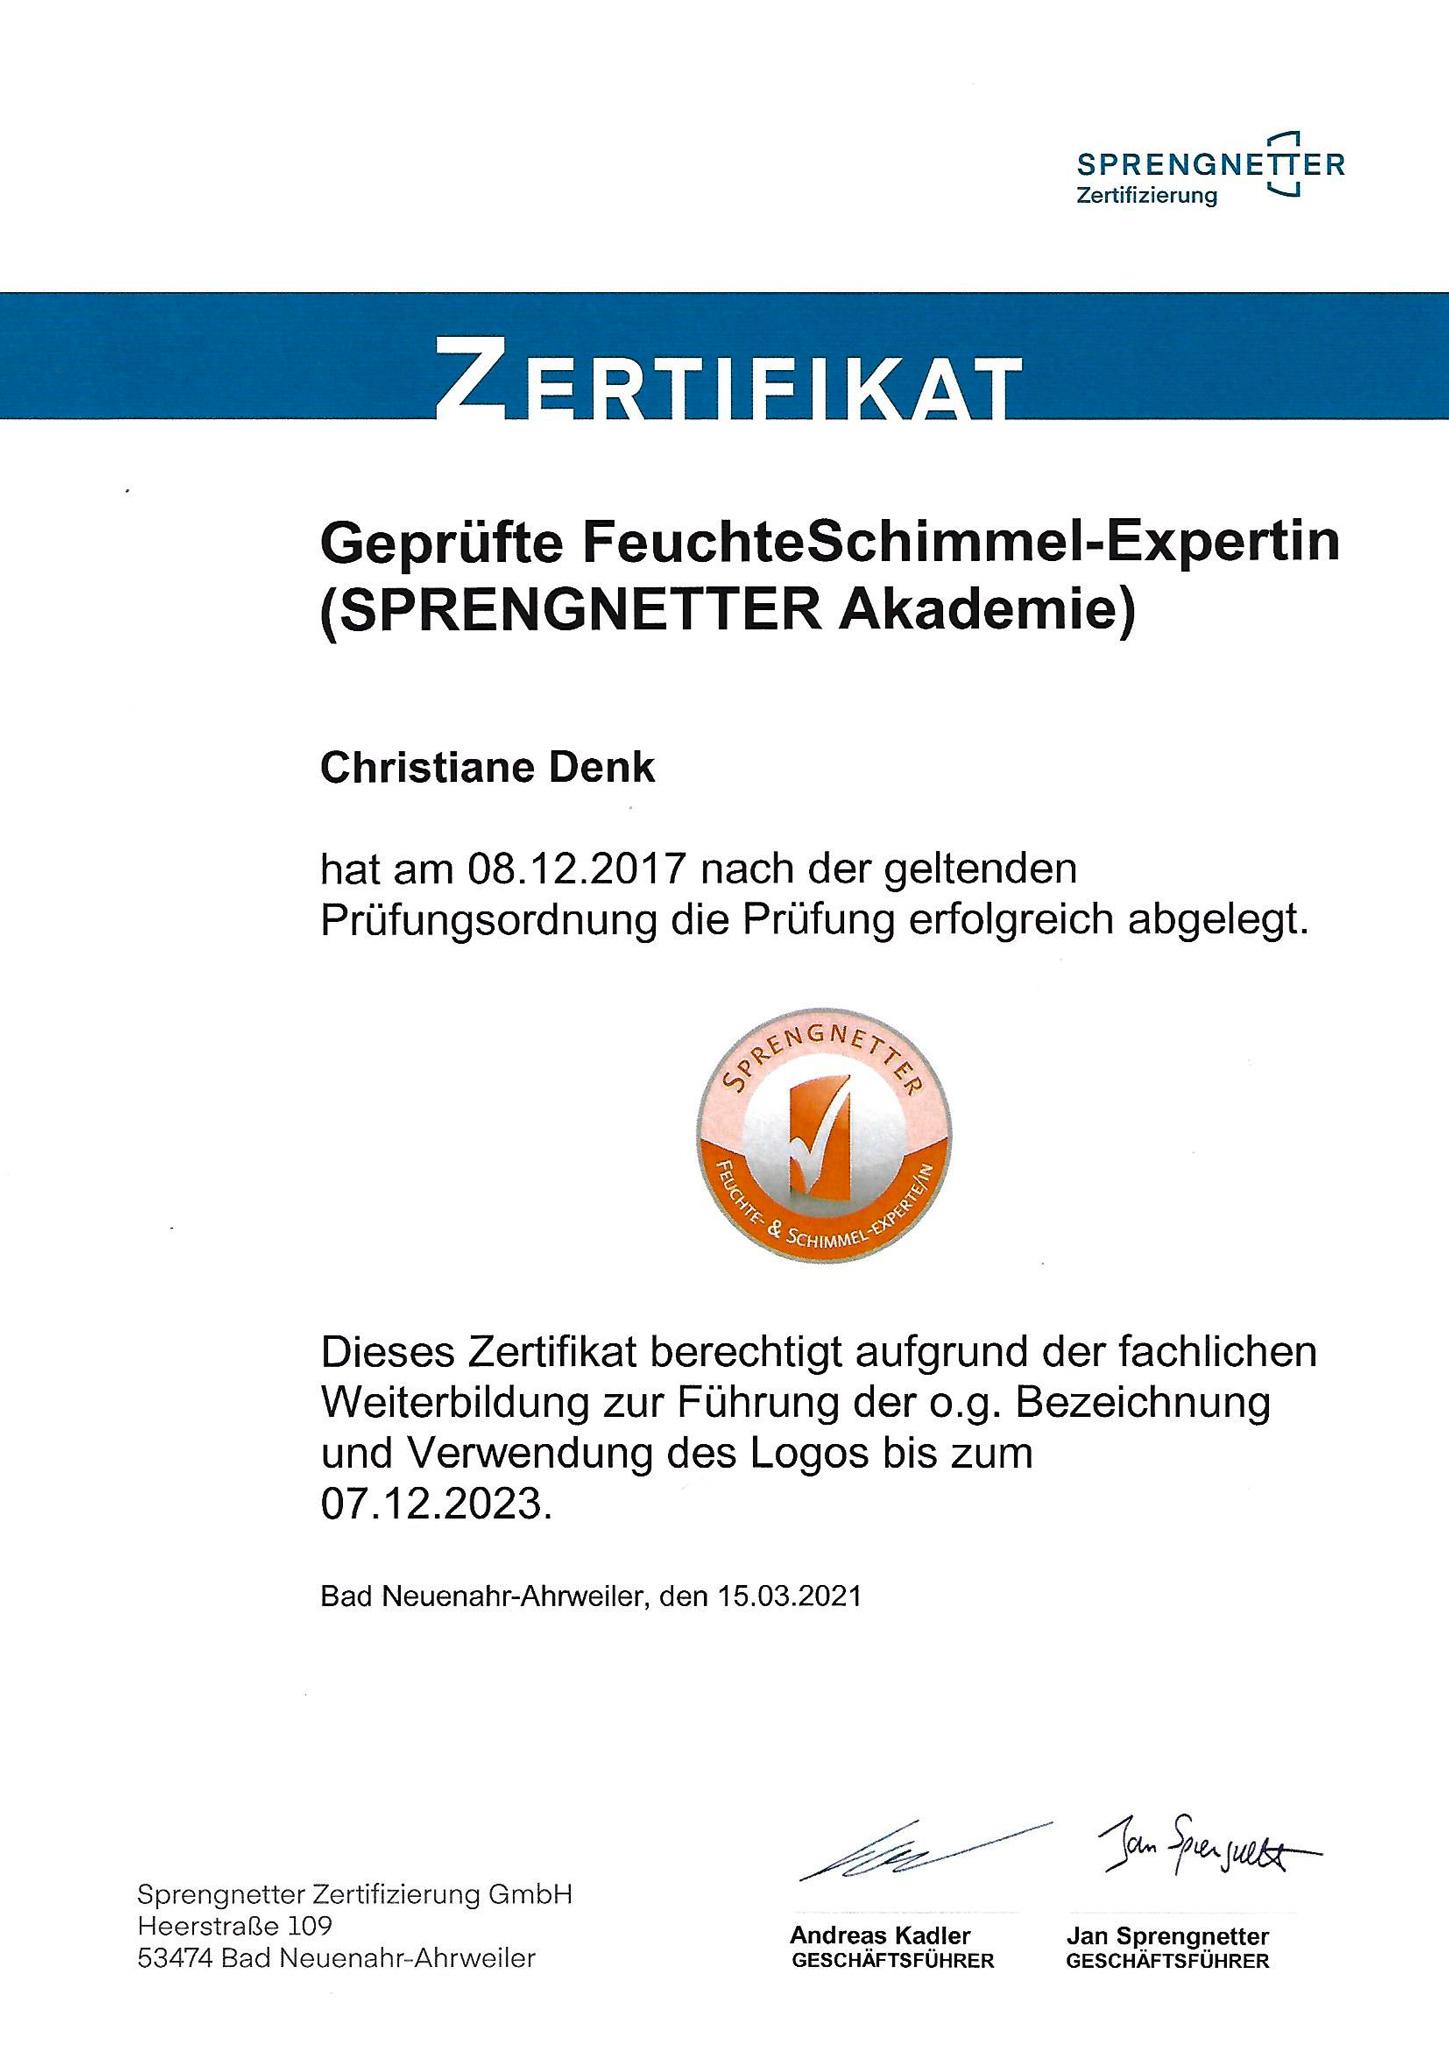 Zertifikat Feuchte- und Schimmel-Expertin Christiane Denk